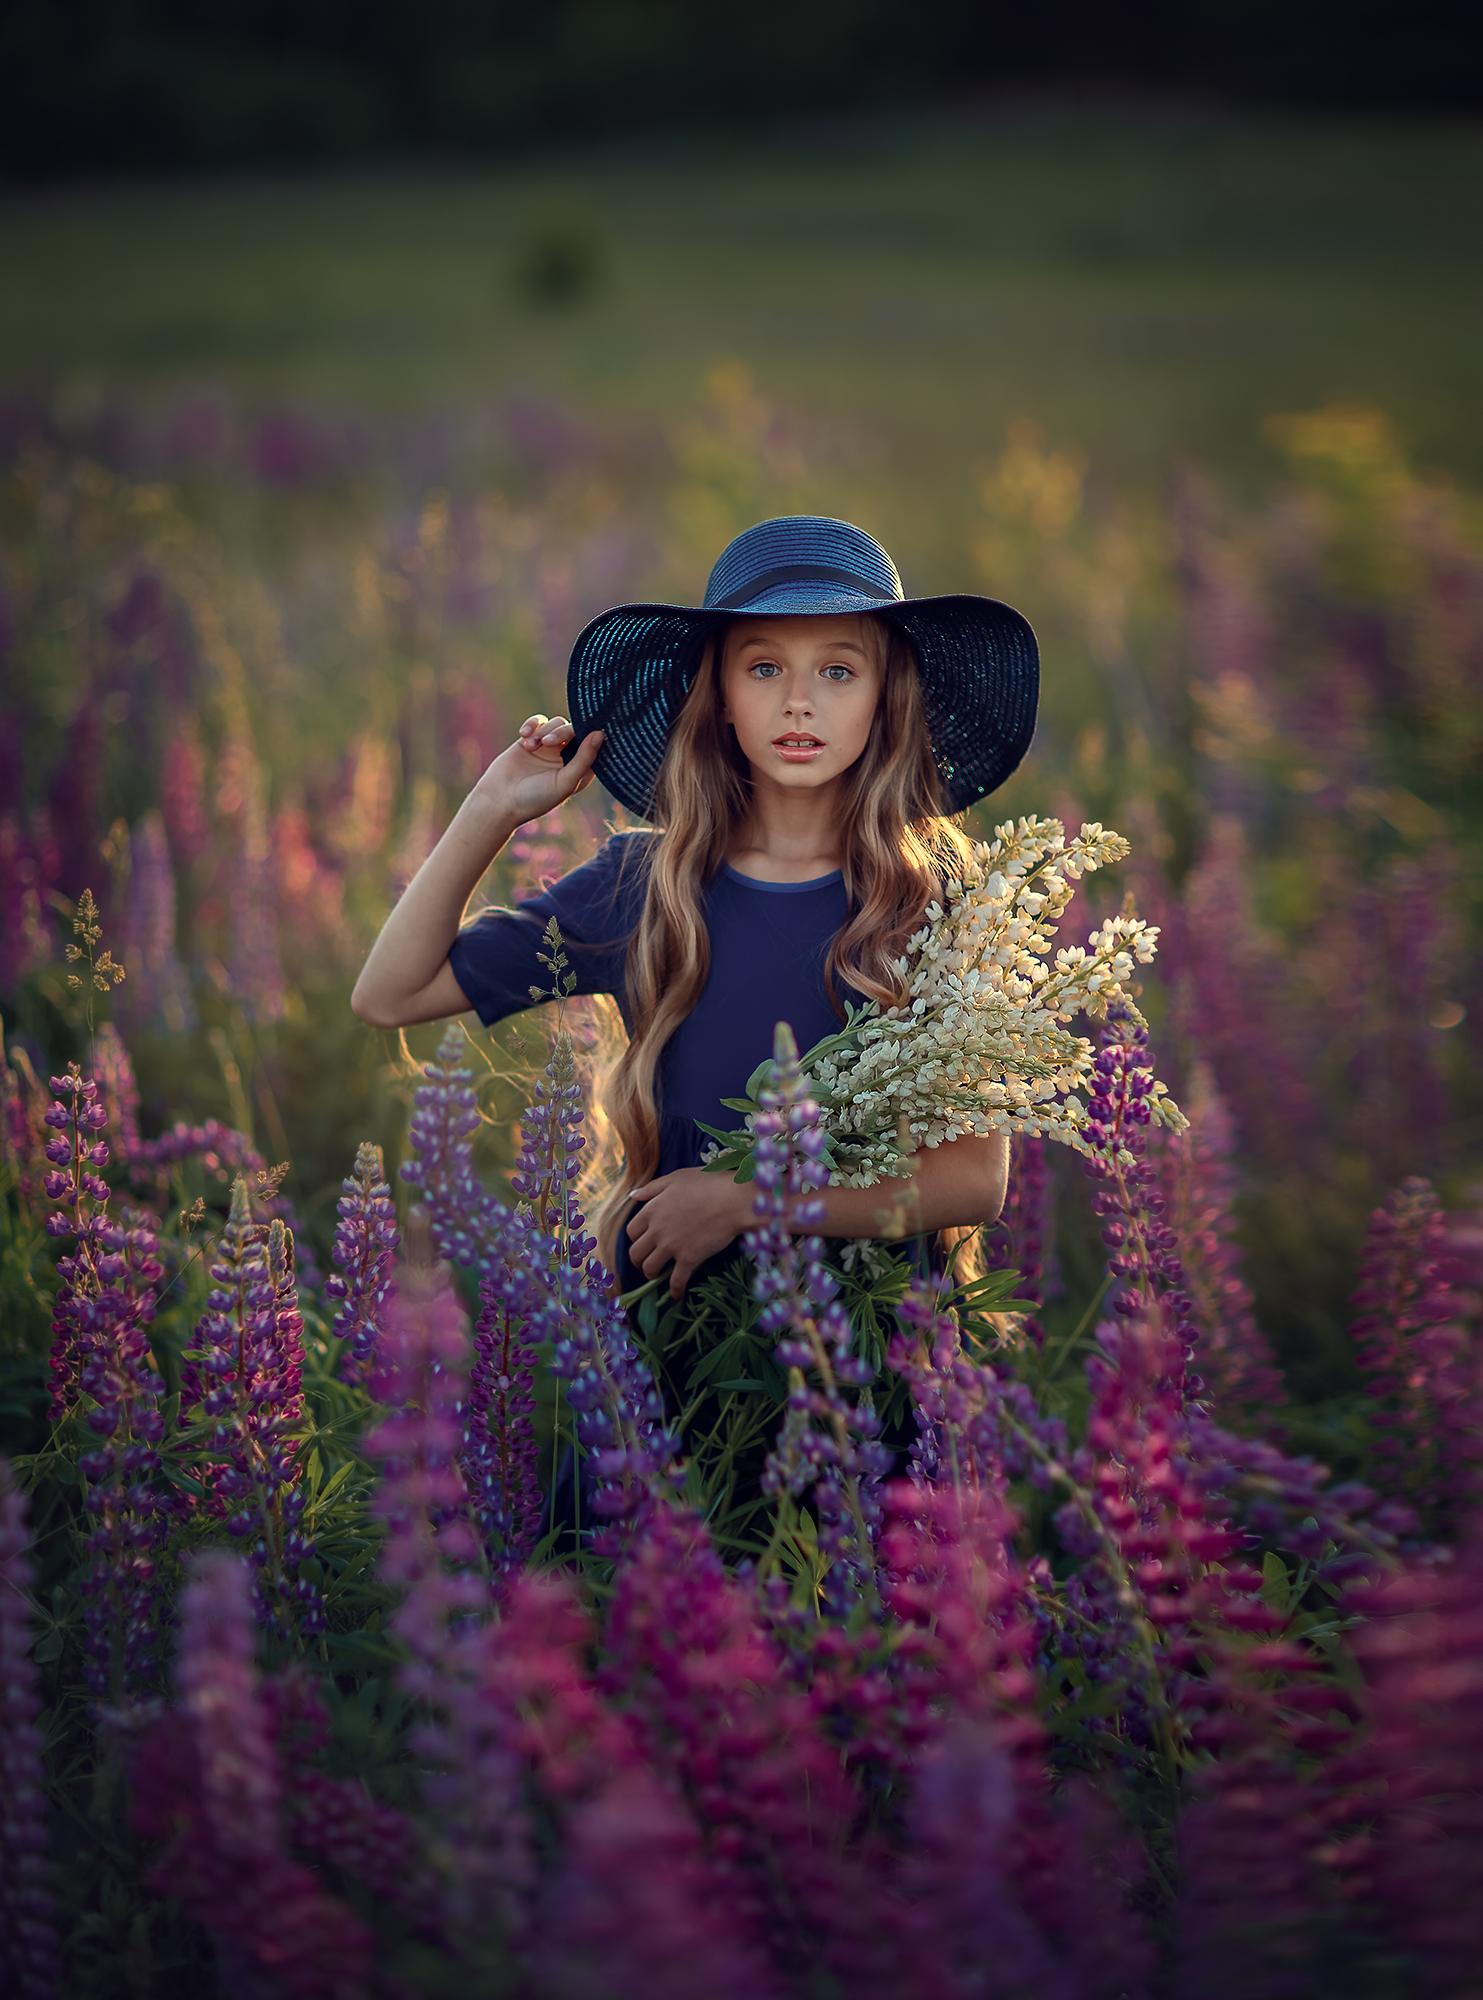 фотосессия в люпинах для девочки